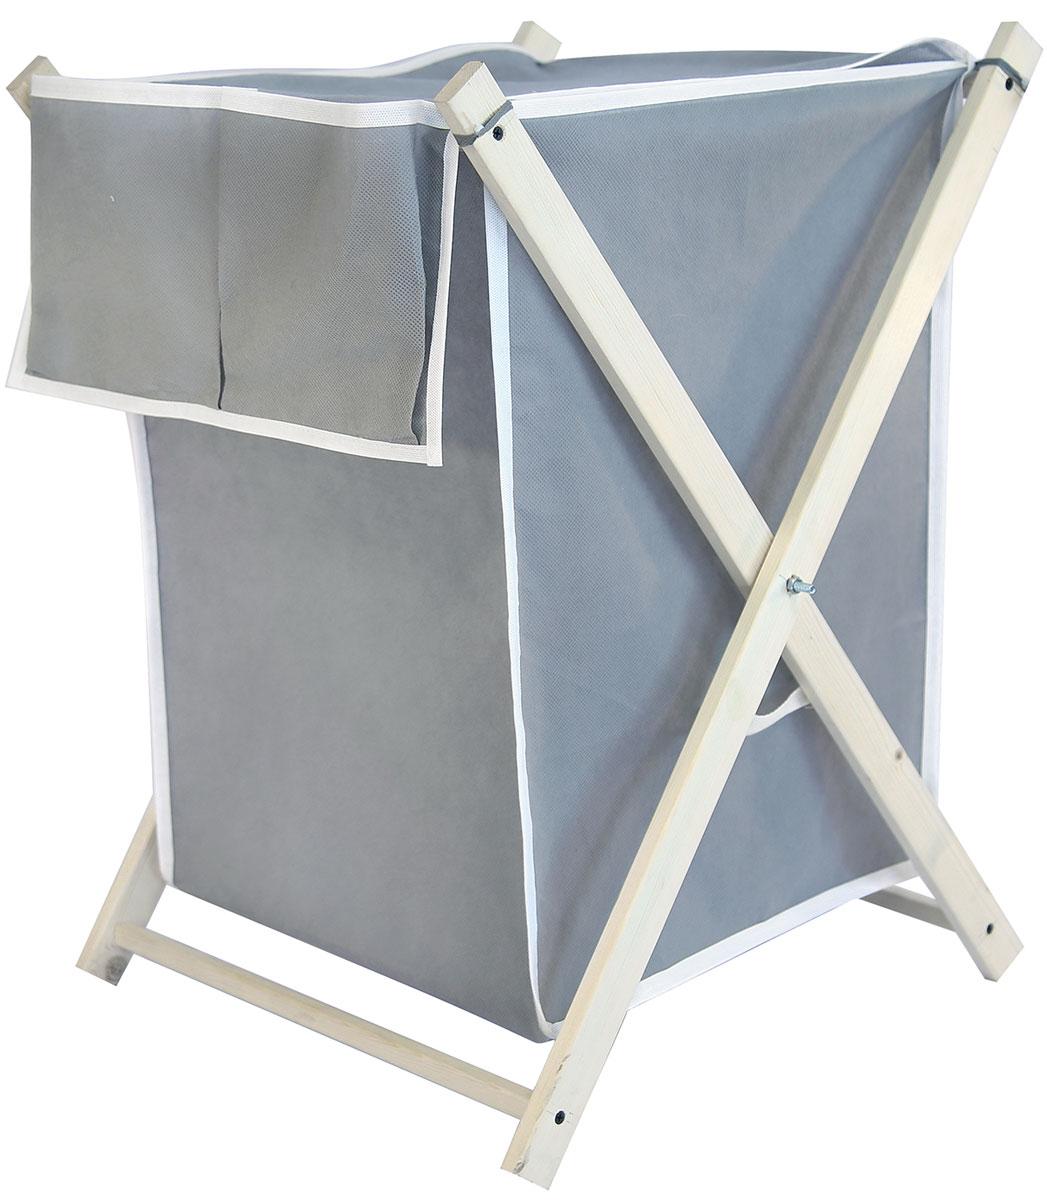 Корзина для белья Eva, складная, цвет: серый, 43 х 50 х 63 смЕ492Складная корзина для белья с карманамиЕва – удобная, многофункциональная и незаменимая вещь в ванной комнате. В отличие от пластиковой корзины не выделяет вредных веществ при нагревании. Корзина выполнена из натуральных, экологичных материалов. Хорошая проницаемость ткани для воздуха не позволит повышенной влажности испортить белье, пока оно ожидает в этой корзине своей очереди на стирку. Она совмещает в себе функции вместительного резервуара для белья и дизайнерского аксессуара. Легкость и прочность конструкции гарантируют долговечность изделия и простоту в использовании. В сложенном положении корзина не займет много места, благодаря удобной конструкции вы сможете легко перевозить и хранить корзину.Размер каркаса: 64,5 х 48 х 48 см.Размер корзины - 43 х 50 х 63 см.